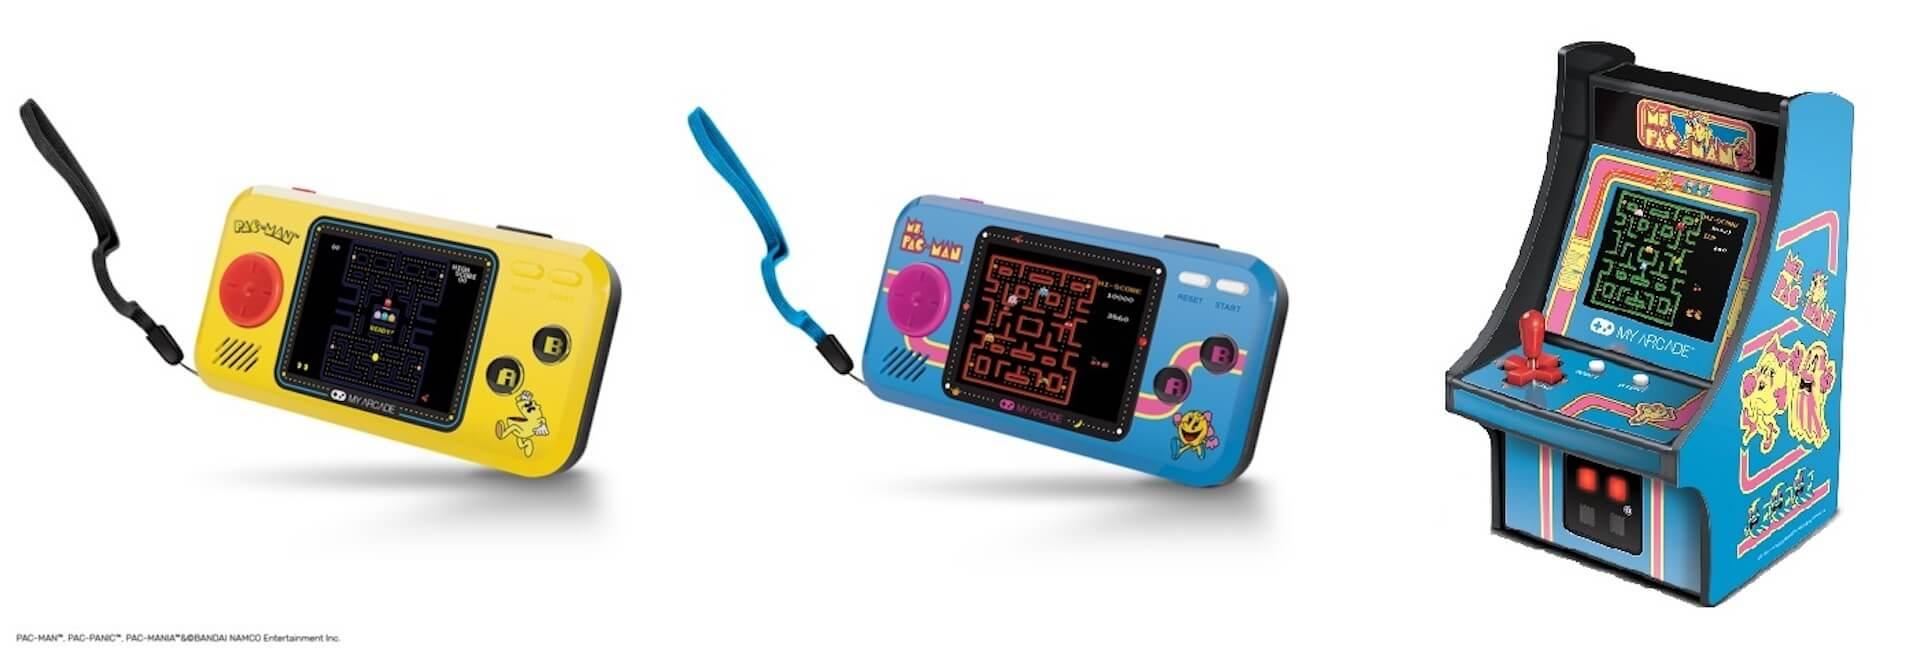 パックマンのミニチュアアーケードが家にやってくる!誕生40周年を記念した小型ゲーム機が続々登場 tech200610_pacman_5